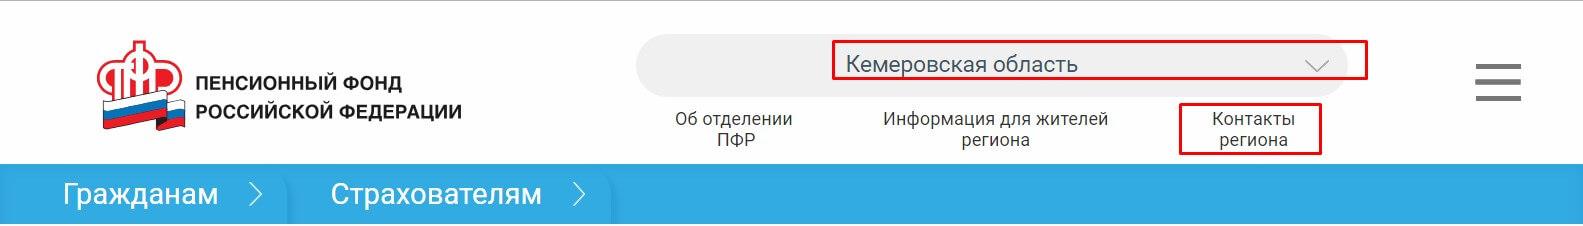 Пенсионный фонд Кемерово